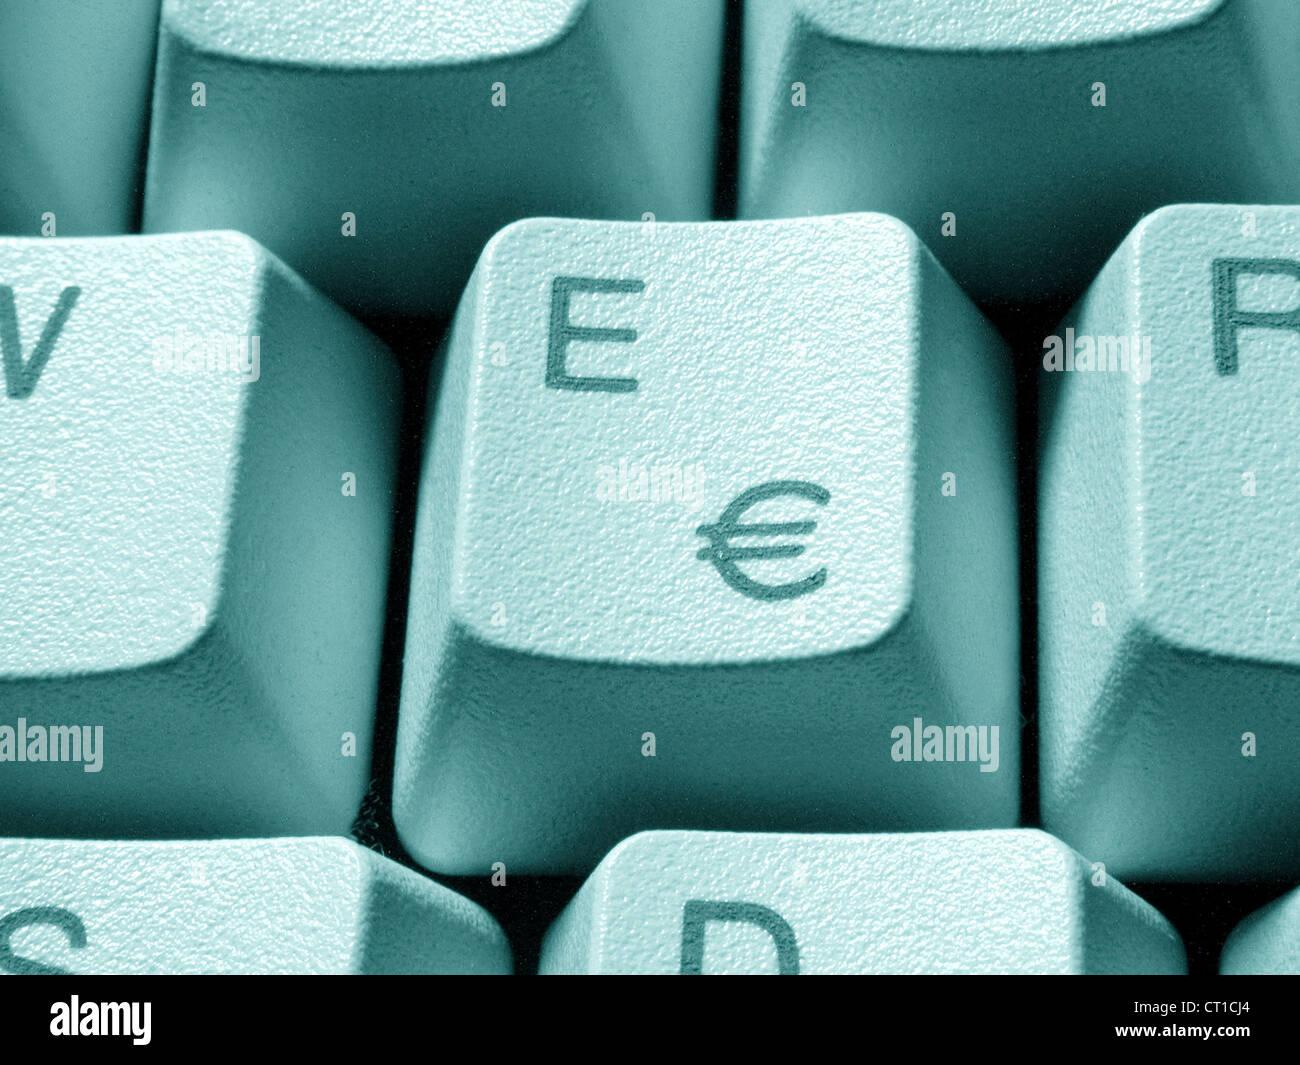 'E' key with Euro sign - E Taste mit Eurozeichen € - Stock Image